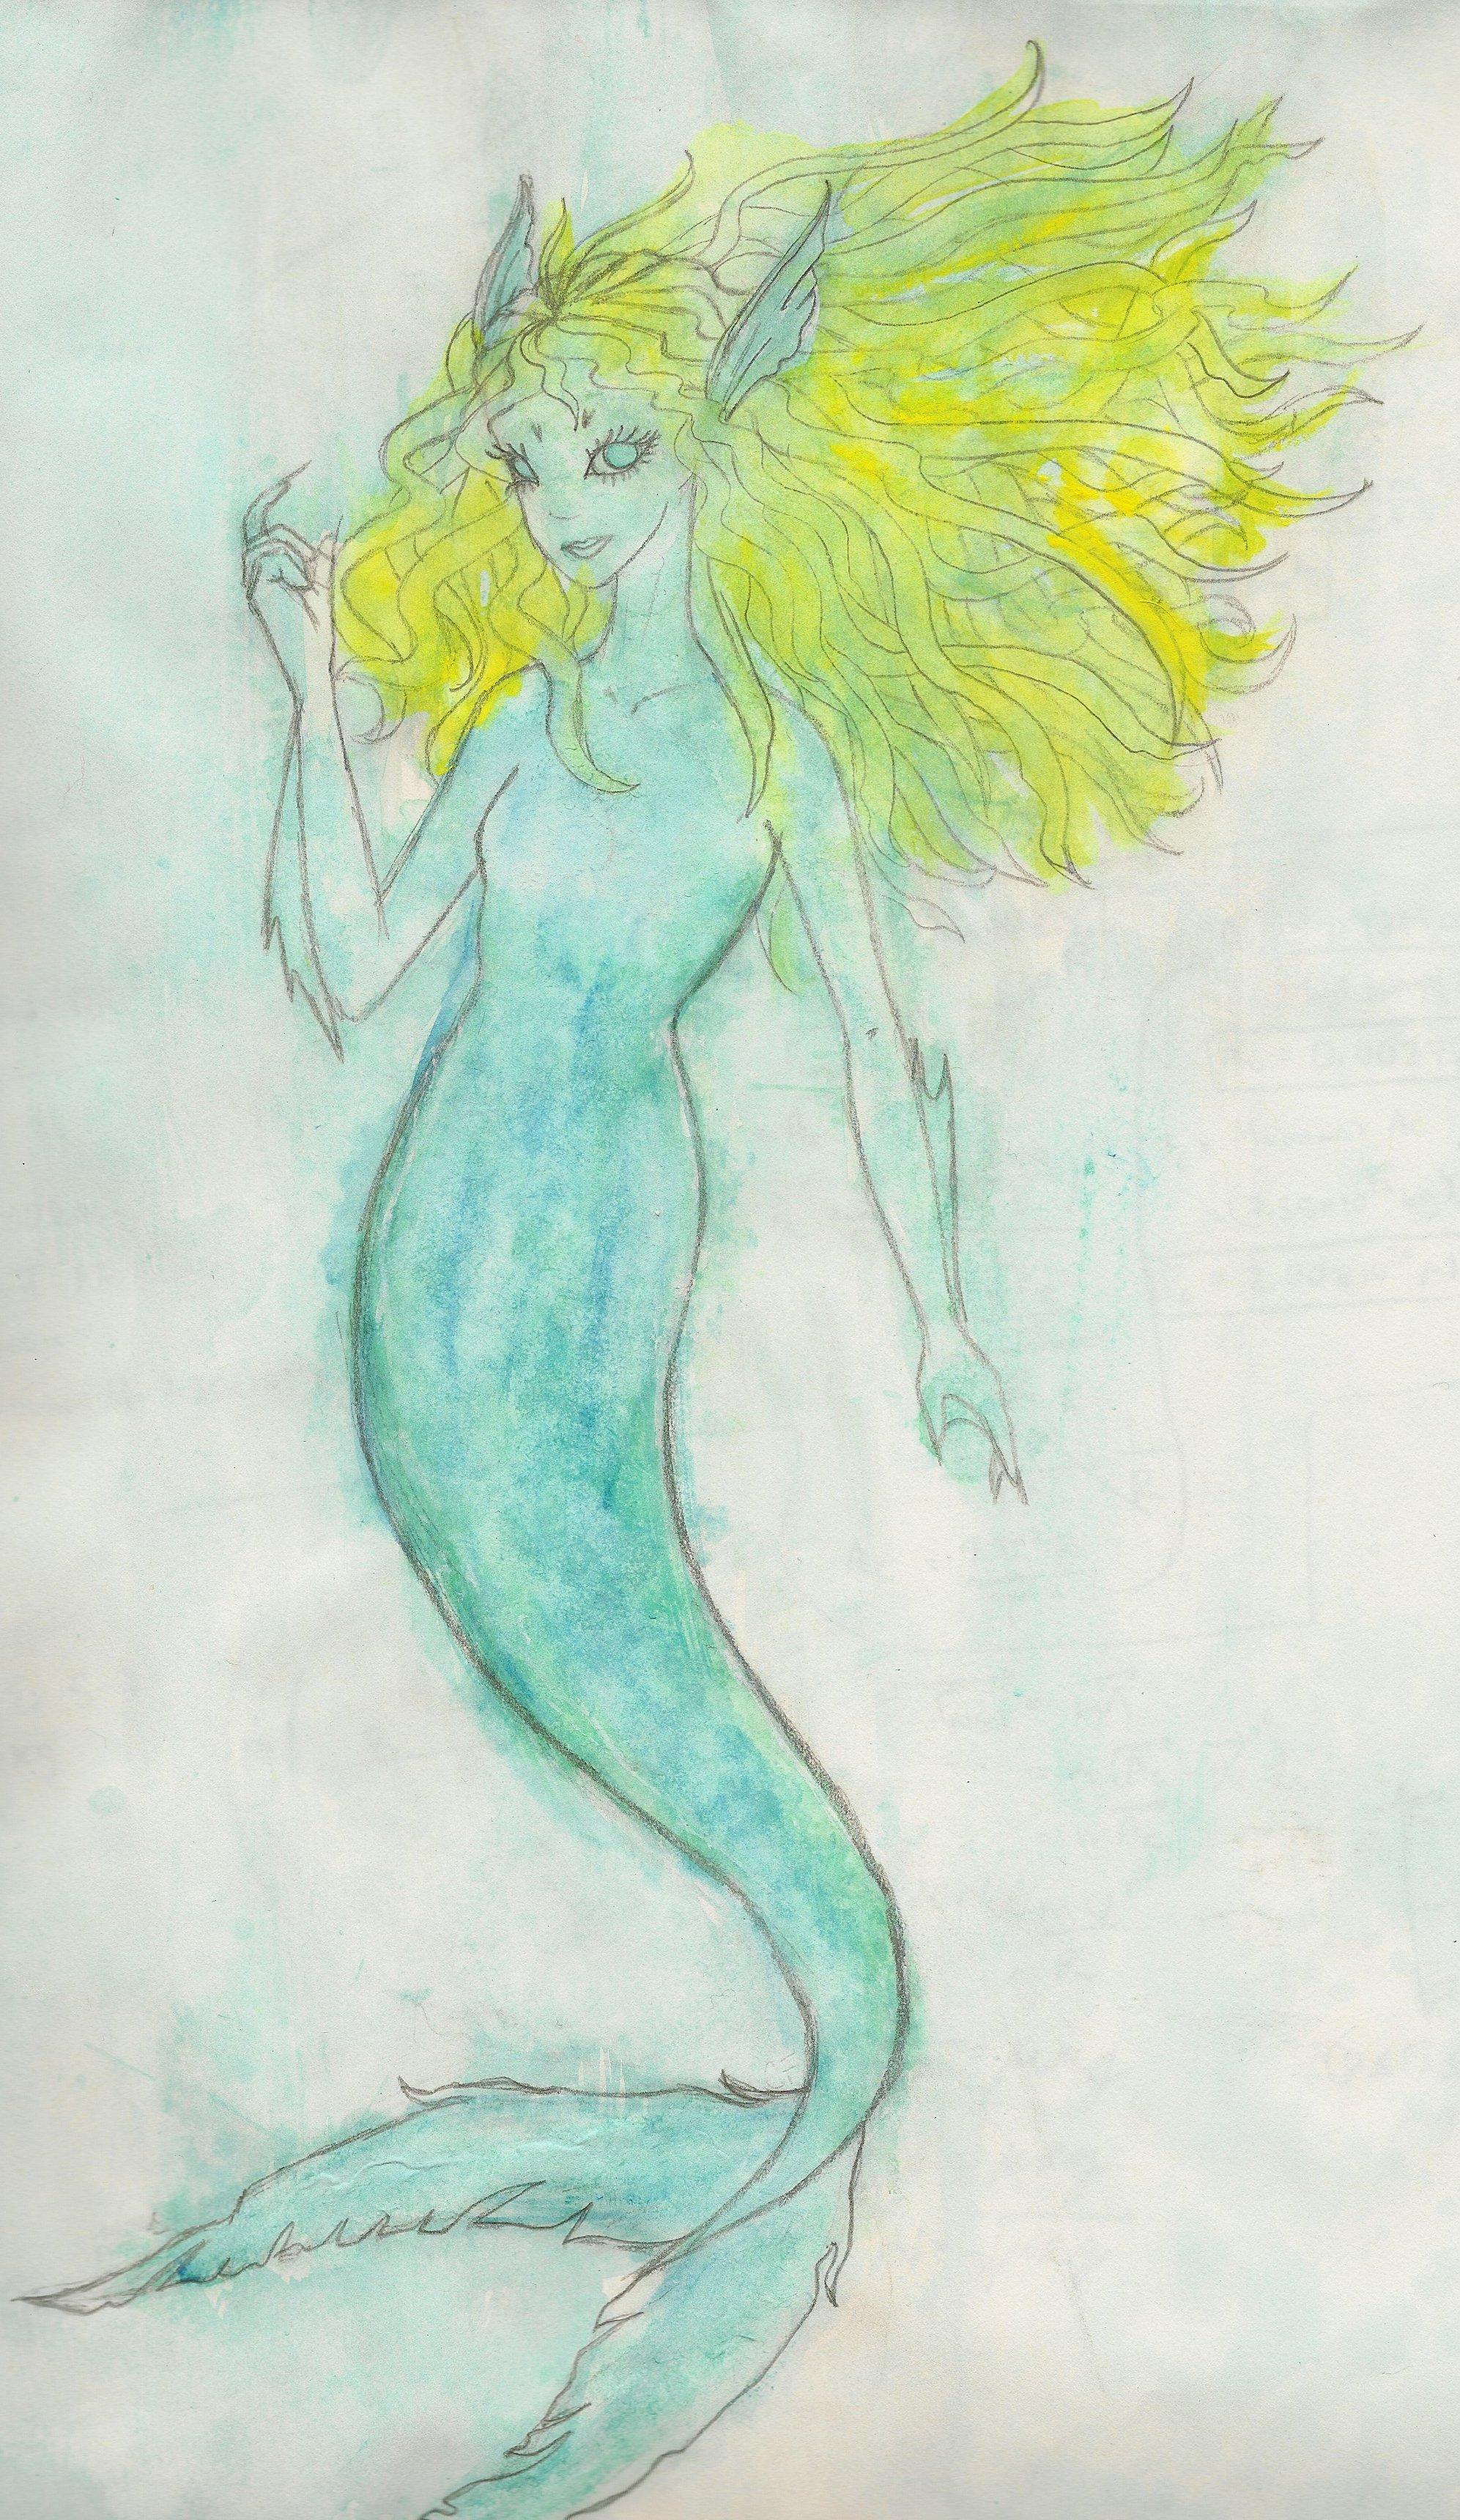 Mermaid - Water colors :D by krl2432